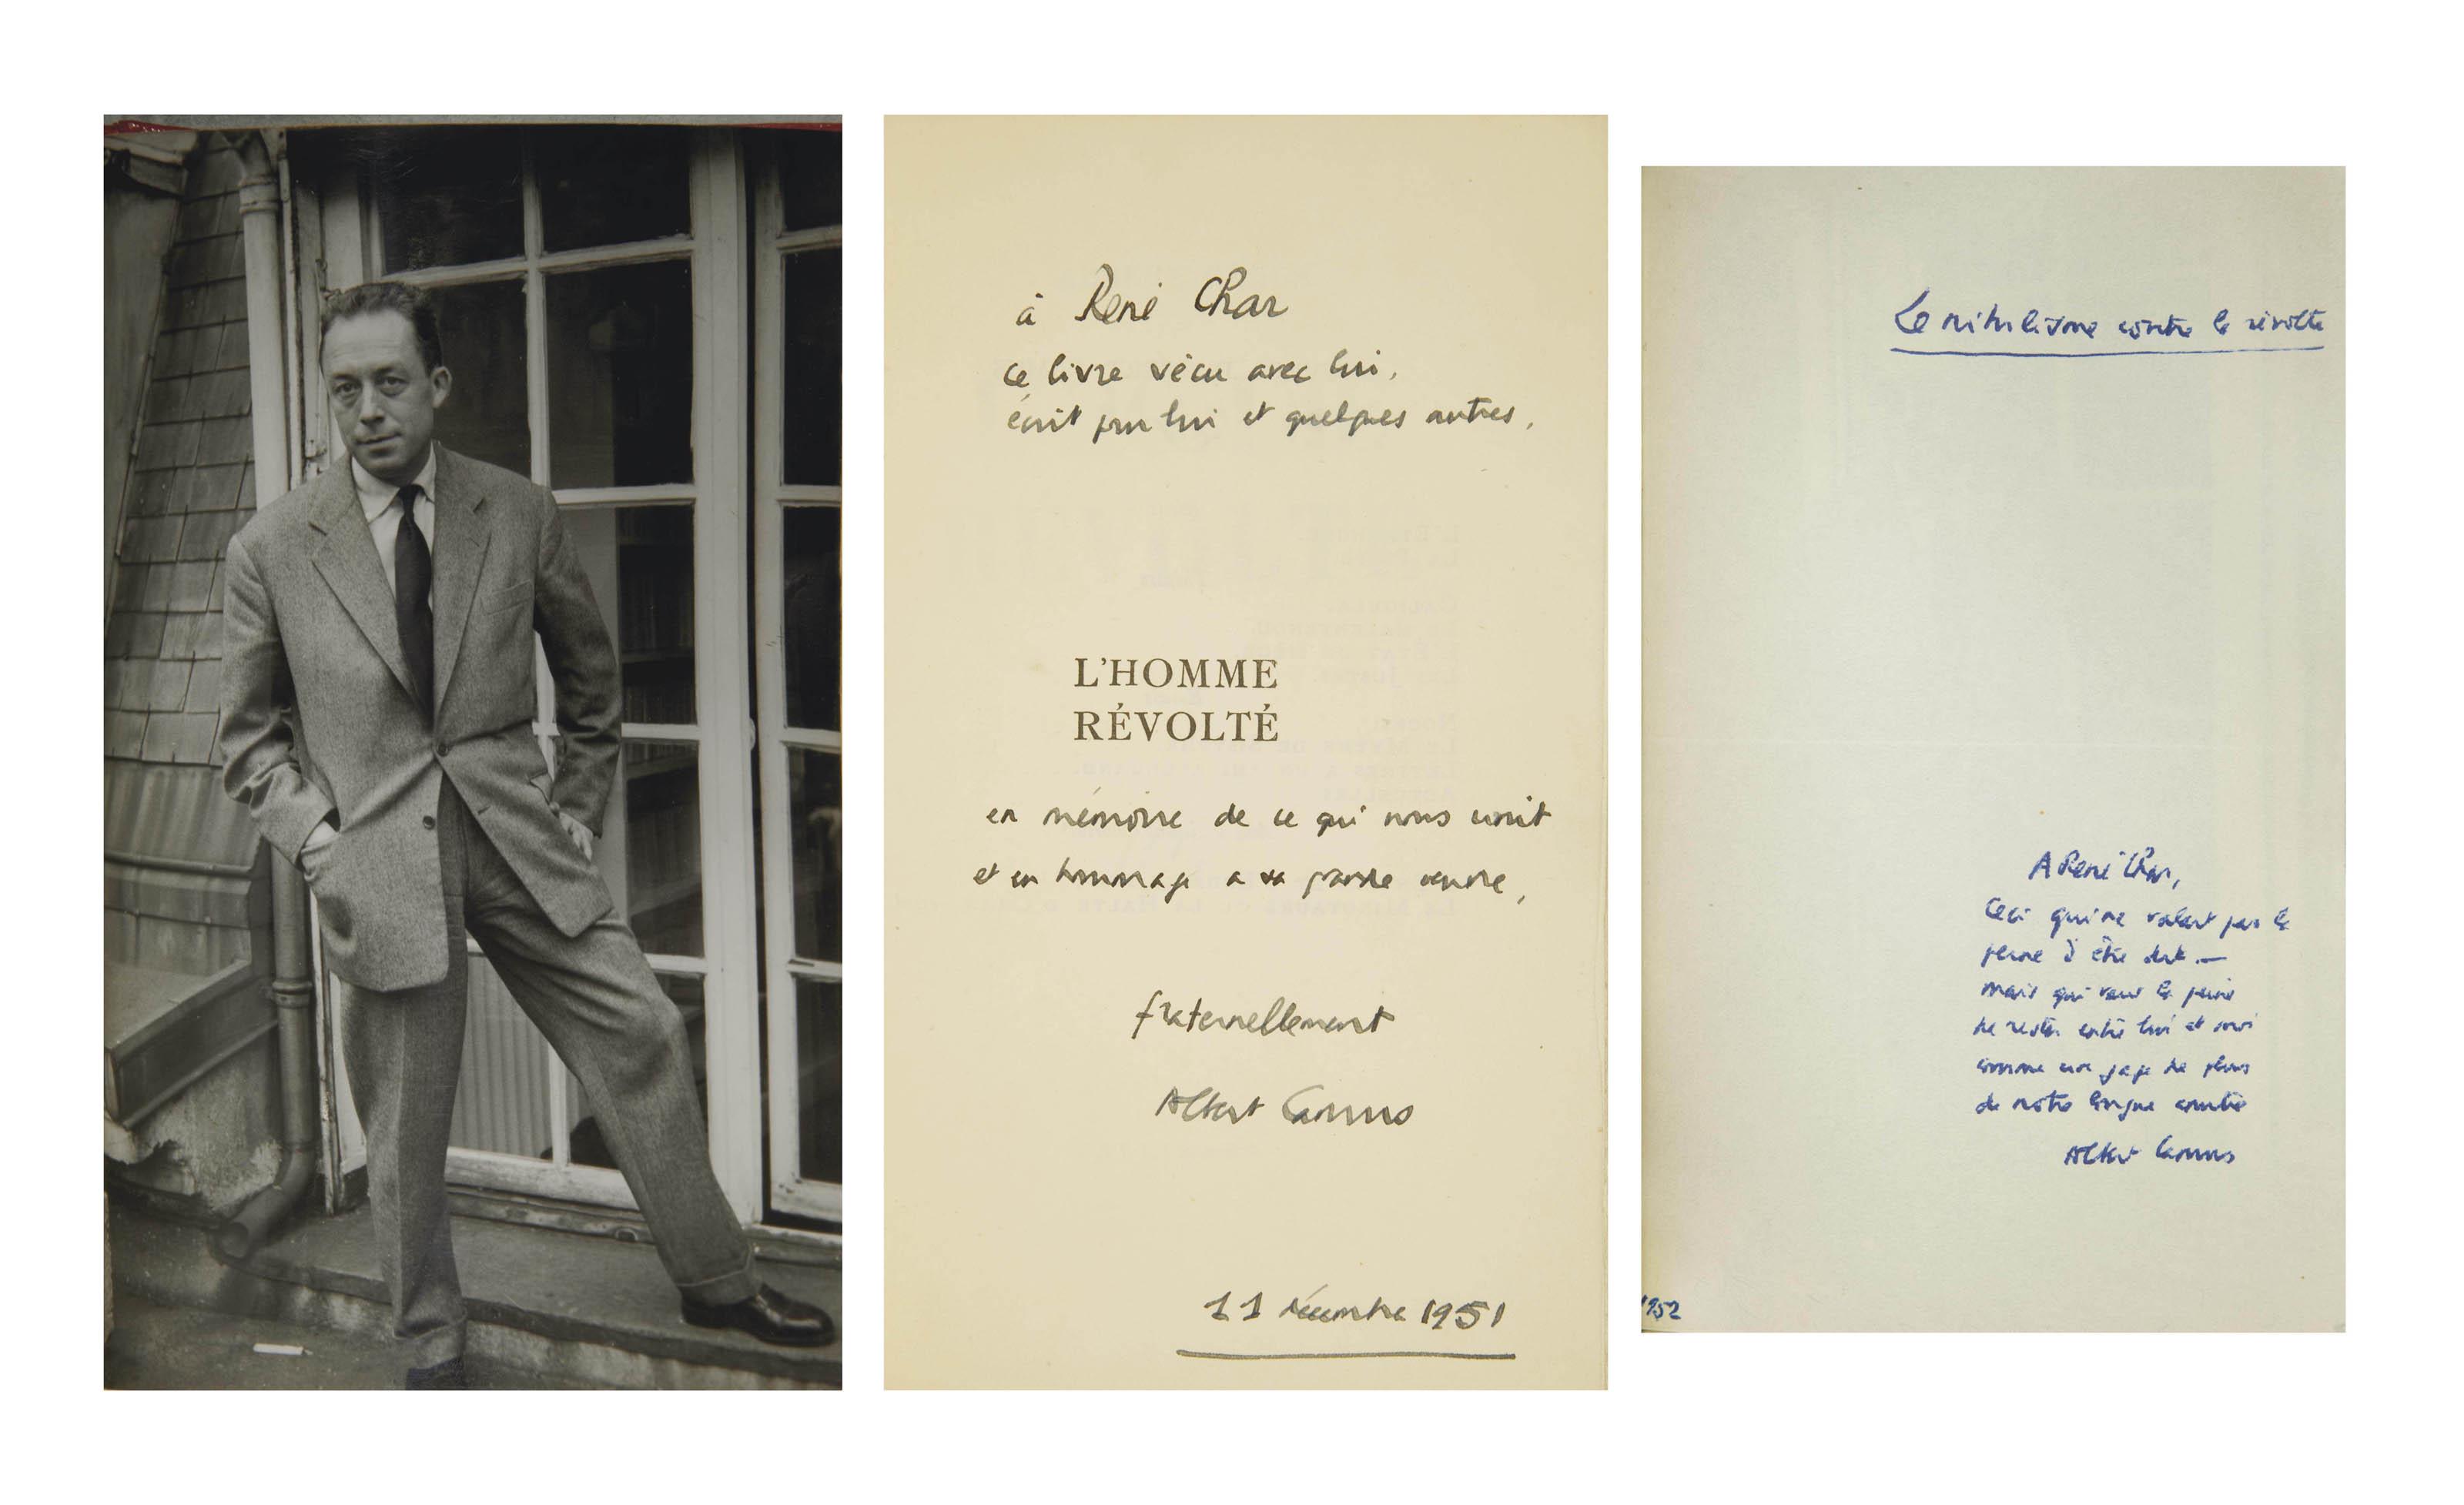 CAMUS, Albert (1913-1960). L'Homme révolté. Paris: NRF, 1951.